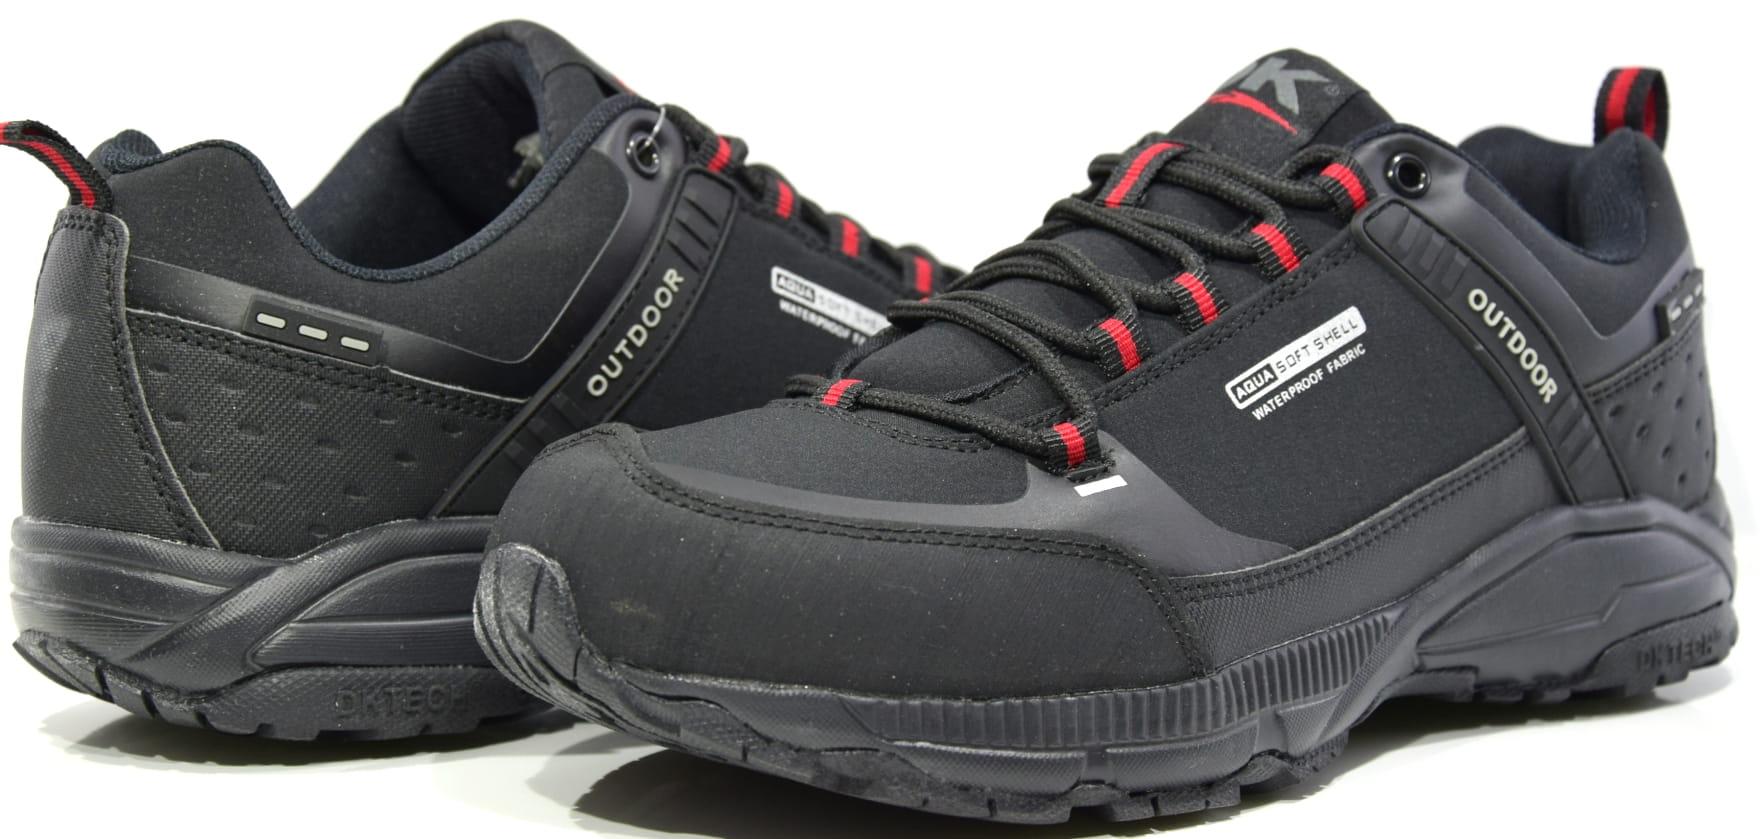 6a54df7073b45c Obuwie sportowe adidasy męskie czarne DK 1096 BLK/RED PANDA Sklep ...